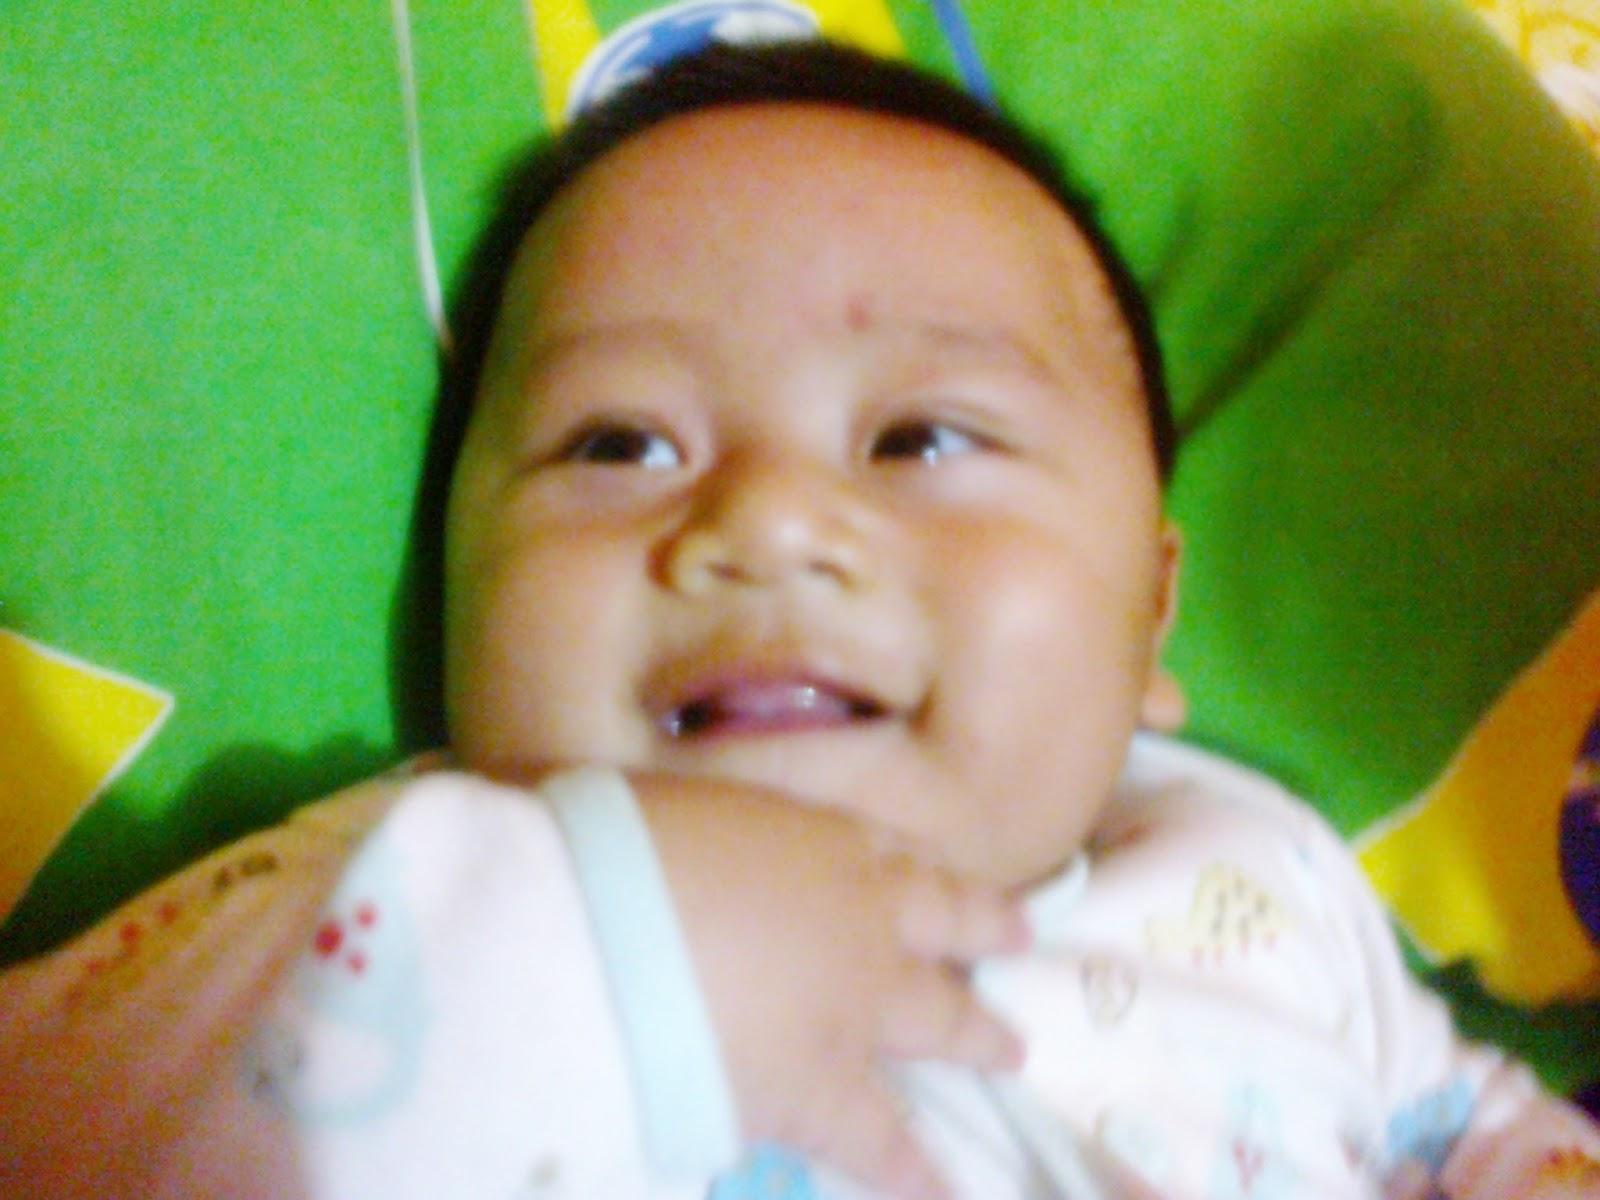 JOURNEY STORY LUCUNYA BAYI Pic Foto